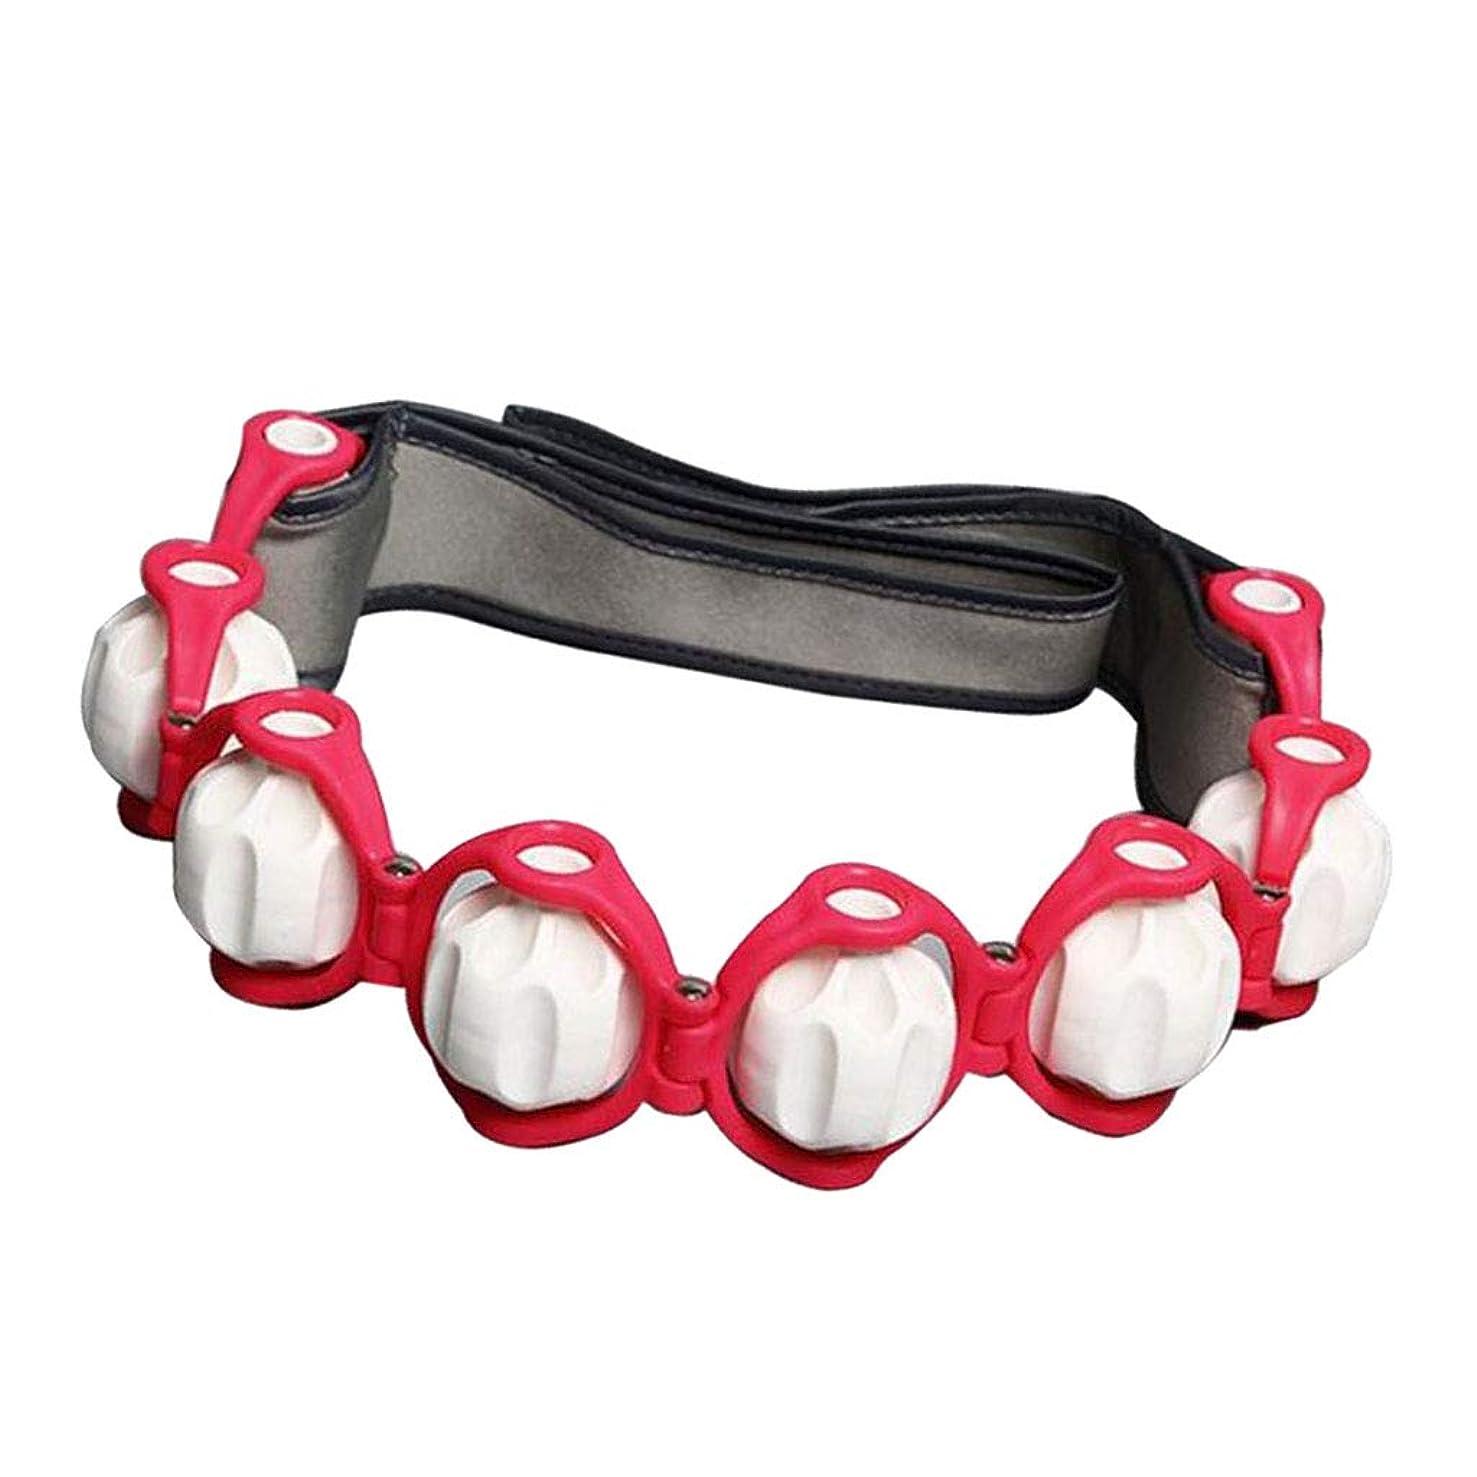 スペードタブレット付添人Baoblaze マッサージローラー ロープ付き ネック ショルダー ツボ押し マッサージボール 4色選べ - 赤, 説明したように